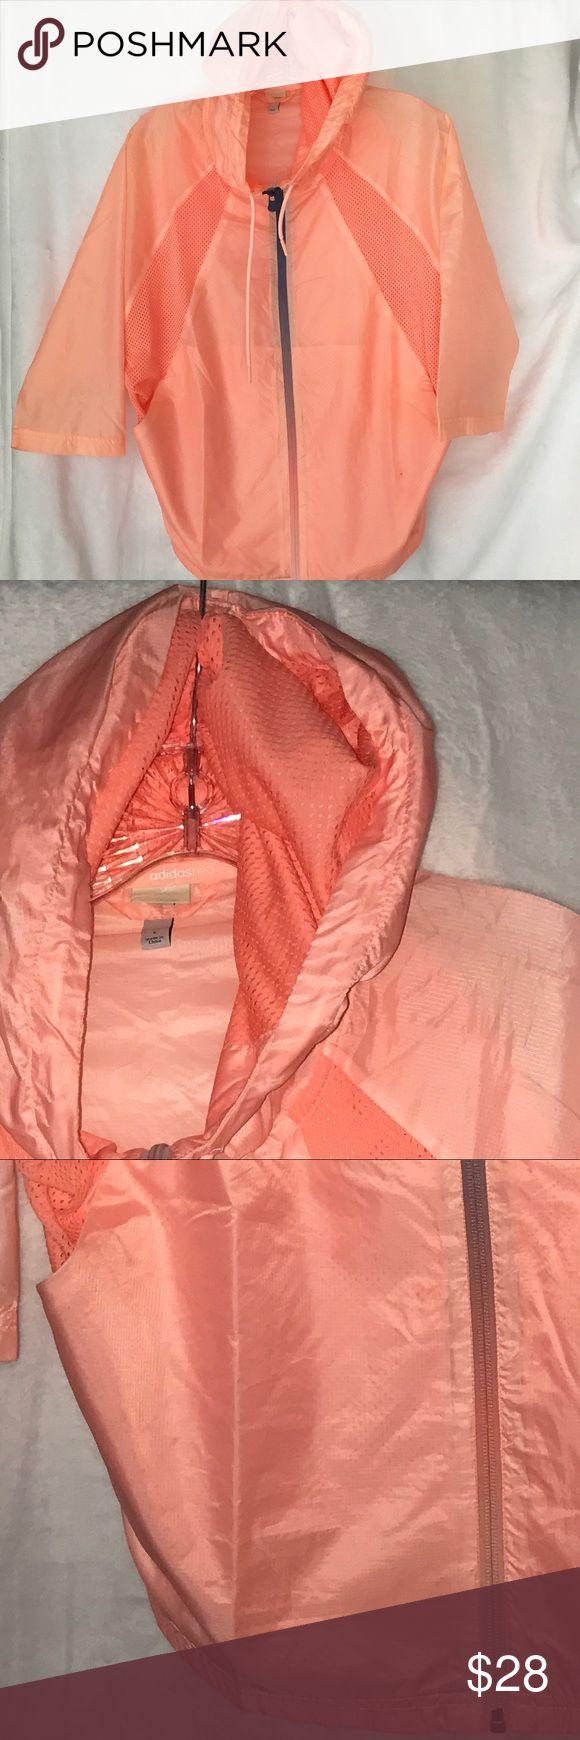 Women's peach Adidas Nero hooded jacket, Small Women's peach Adidas Nero hooded jacket, Small adidas Jackets & Coats